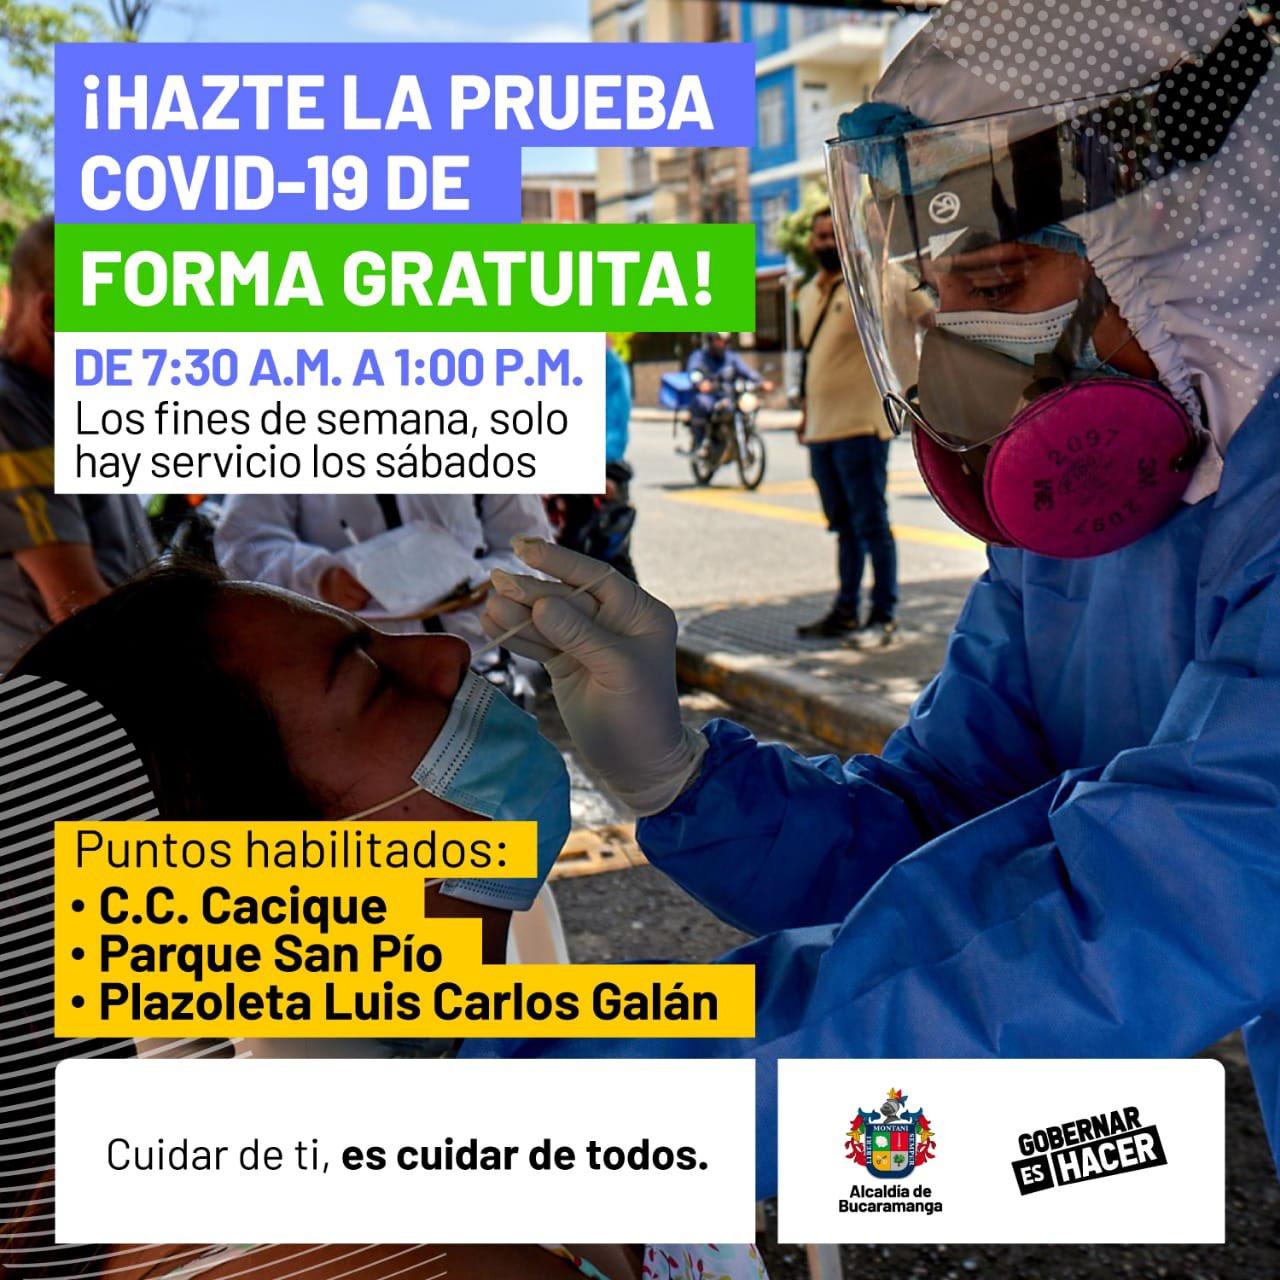 horarios para la prueba covid 19 gratis en Colombia